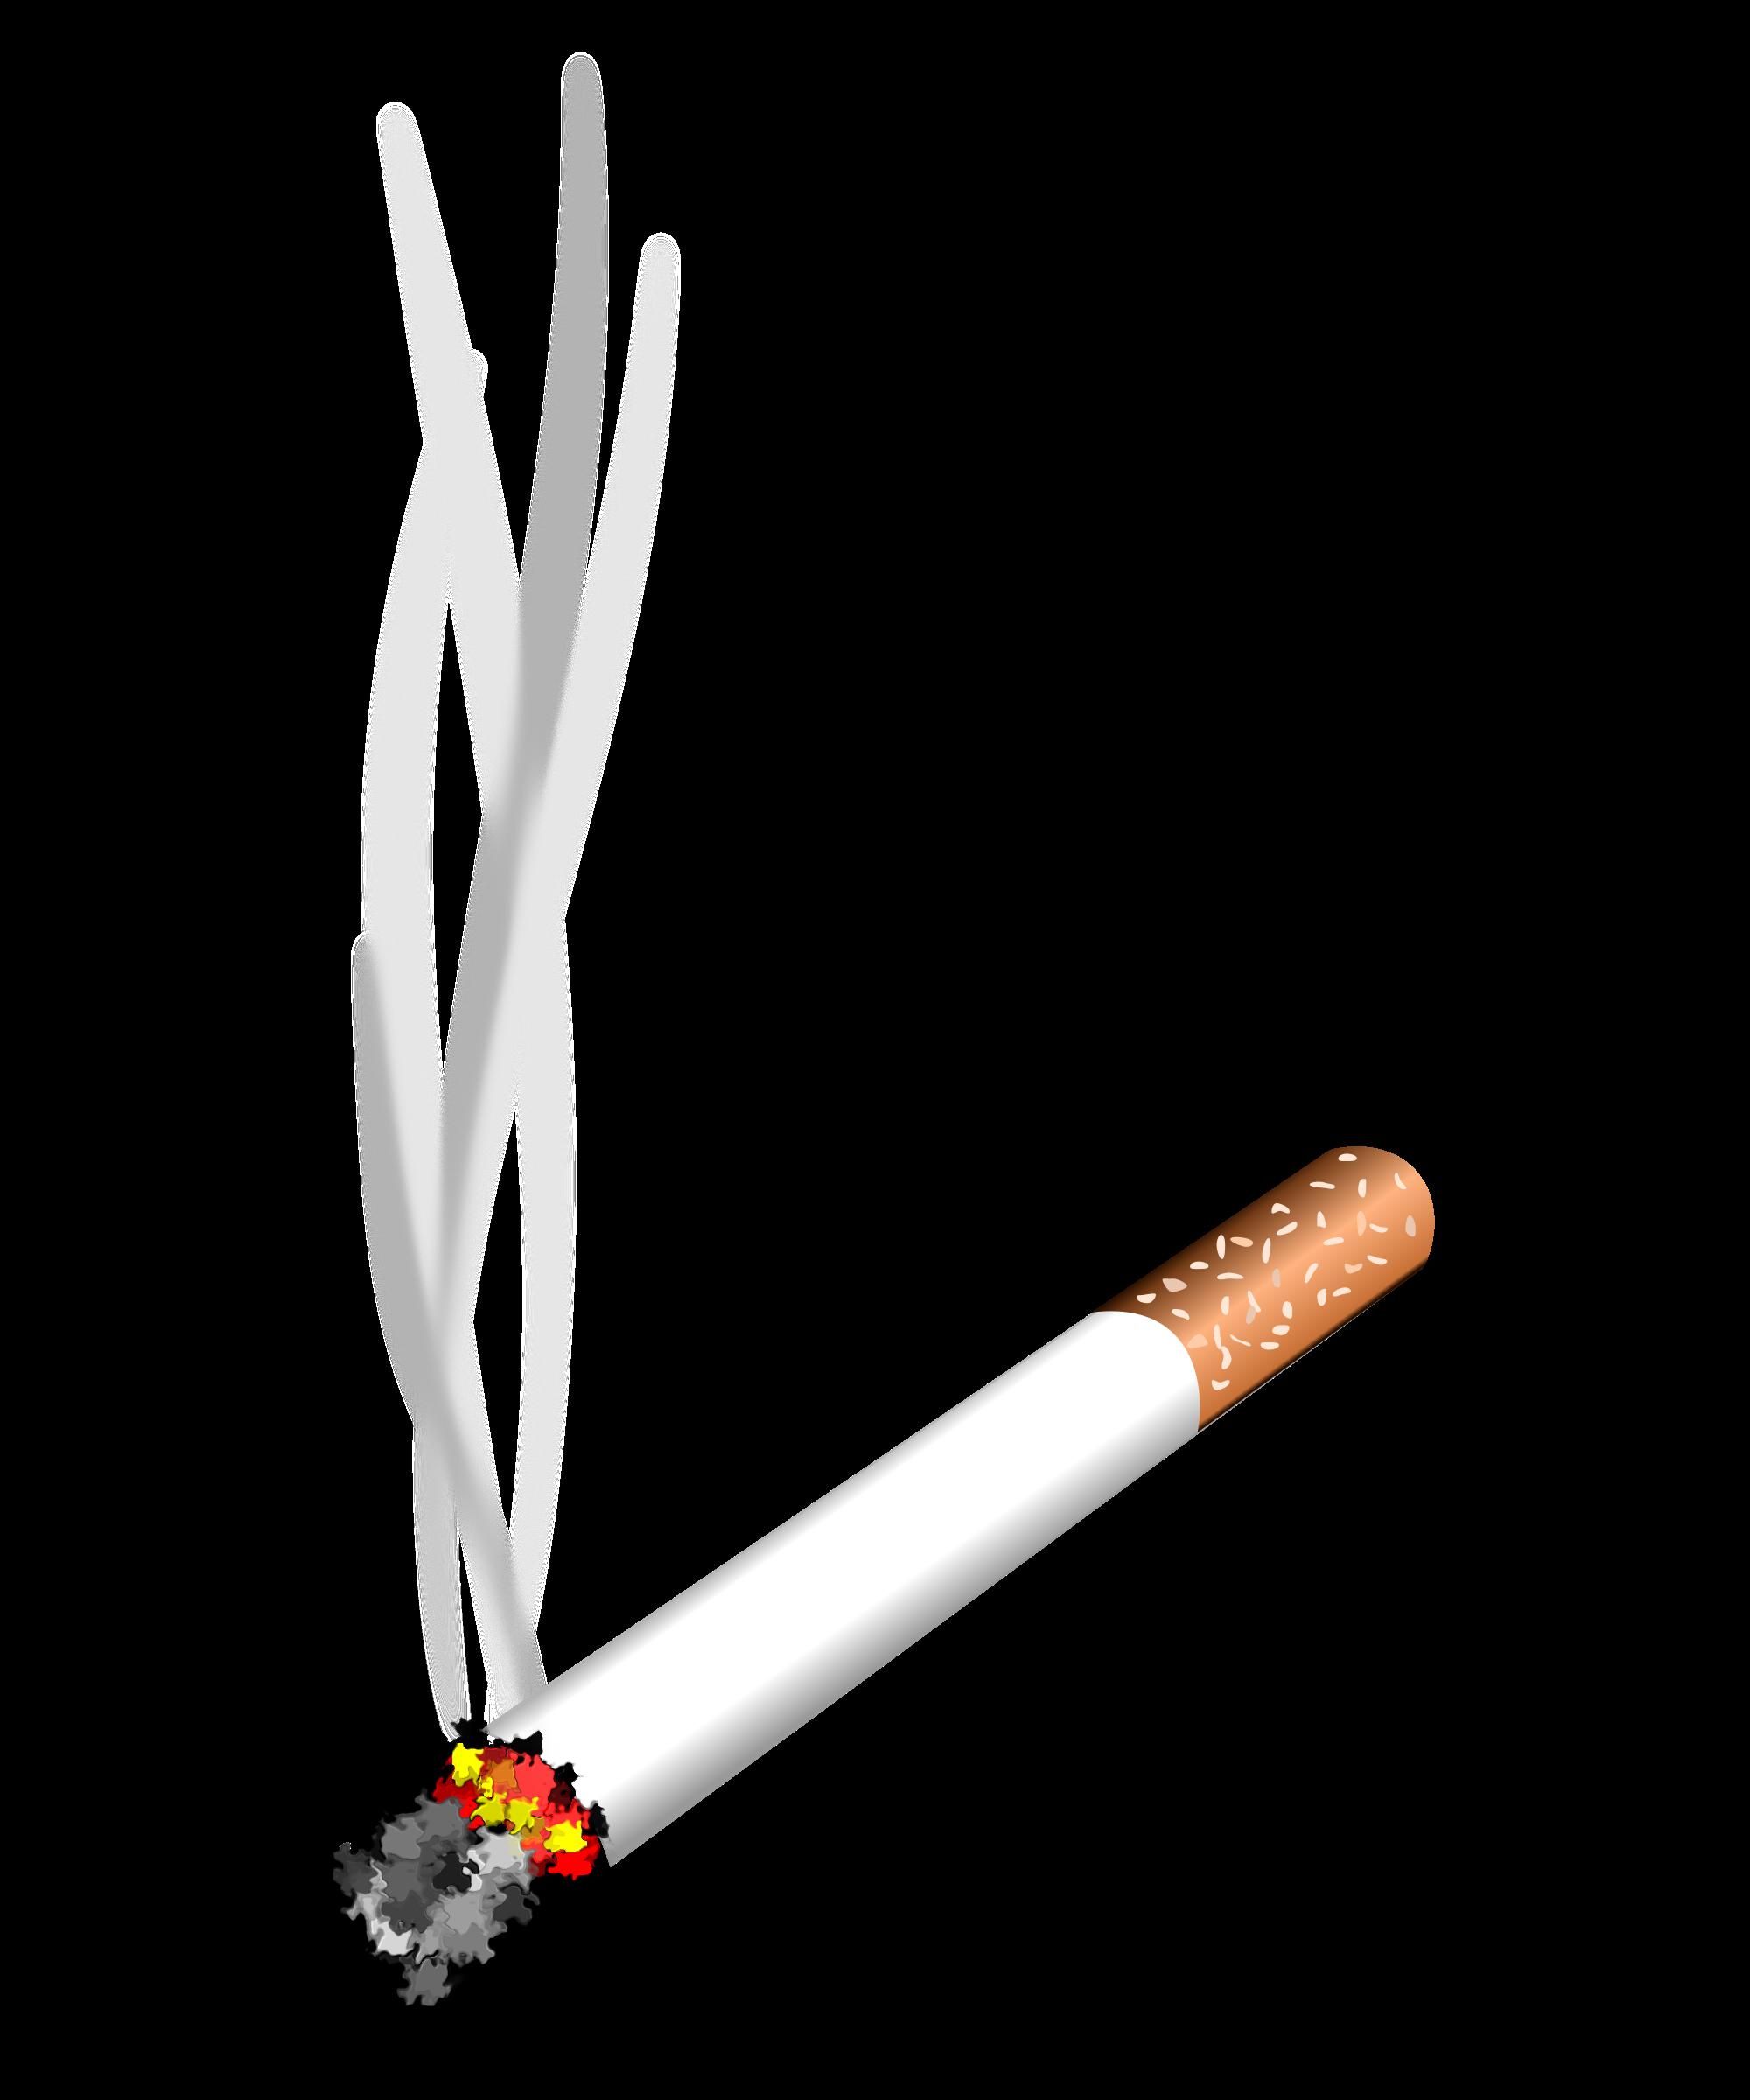 Thug Life Cigarette Smoke PNG-Thug Life Cigarette Smoke PNG-11